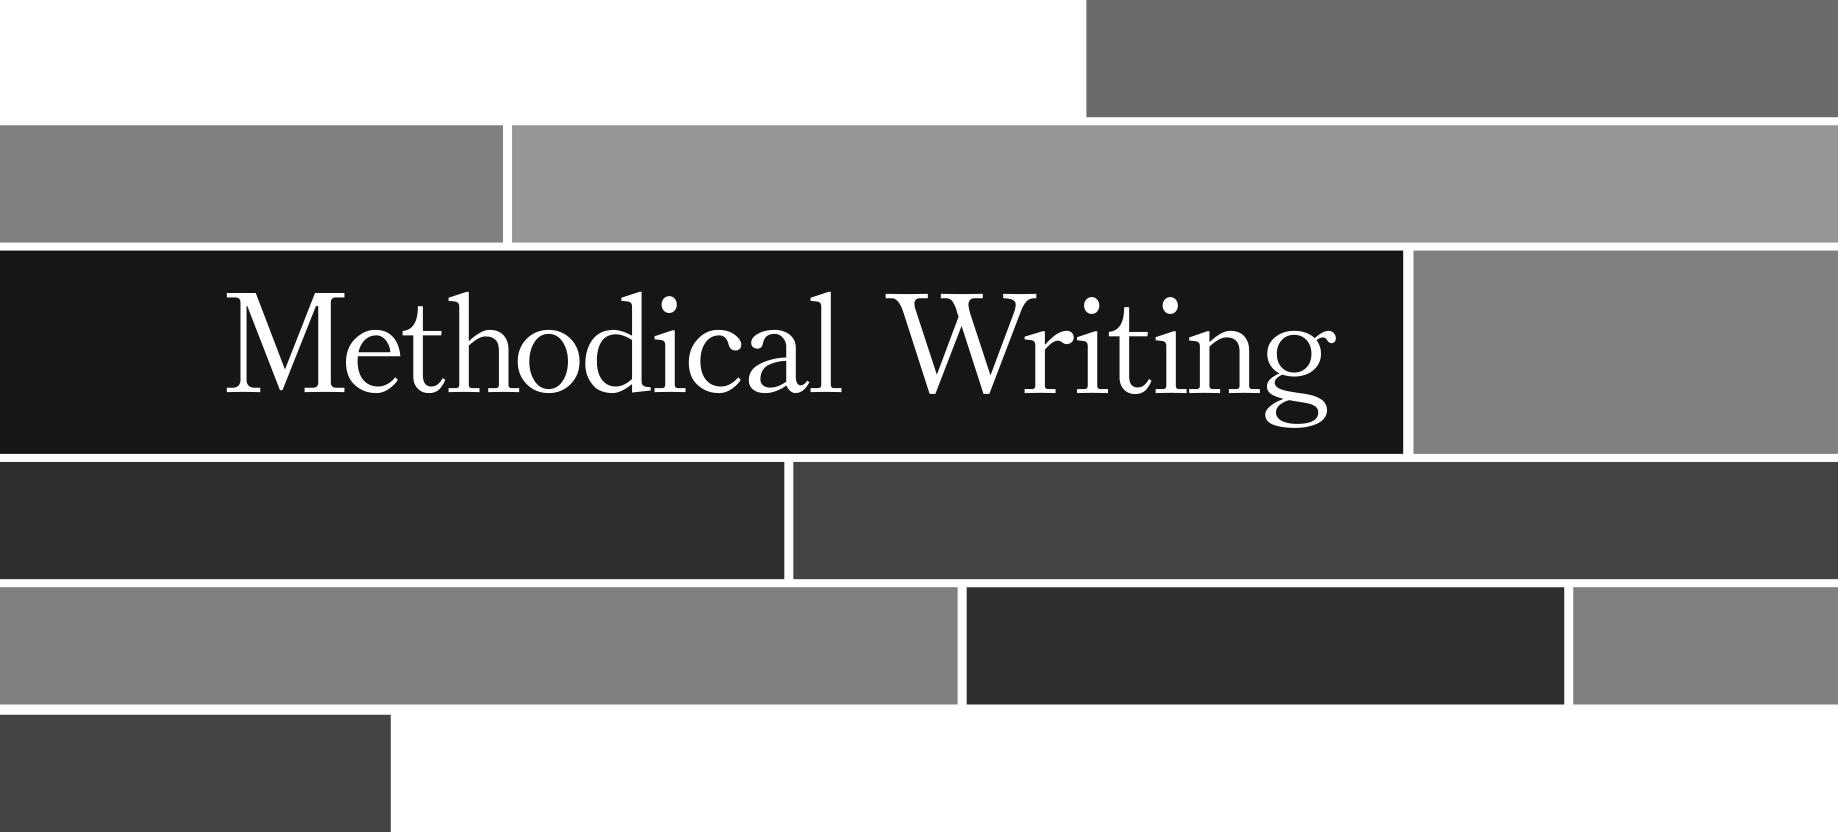 Methodical Writing Workshops